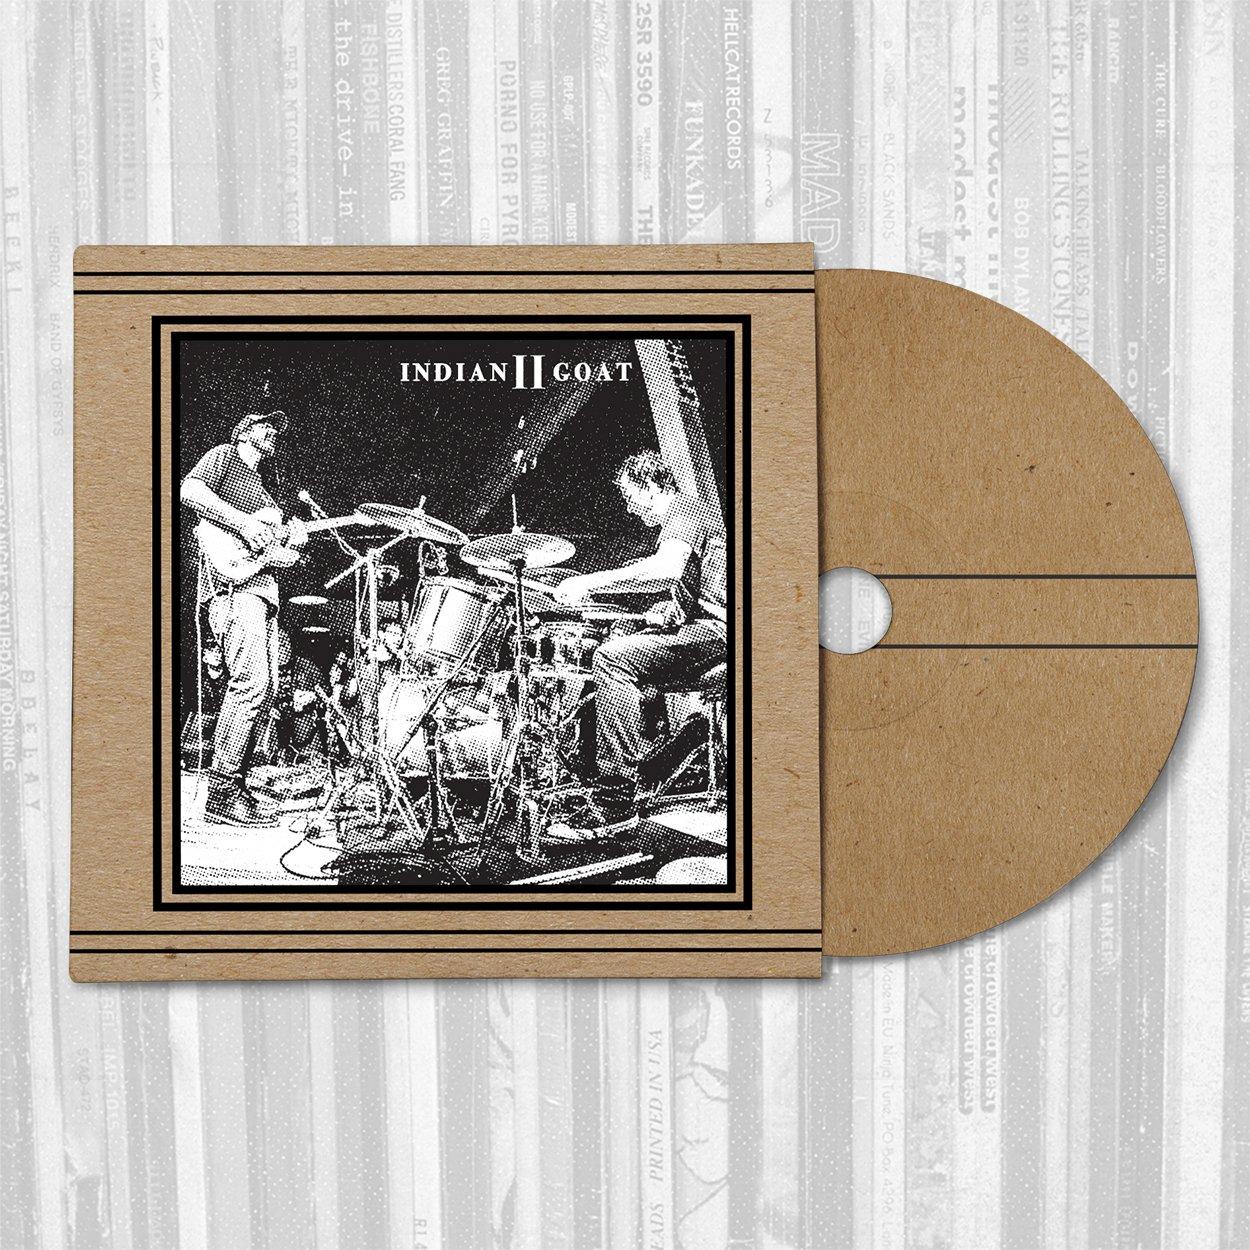 Indian Goat: II - CD